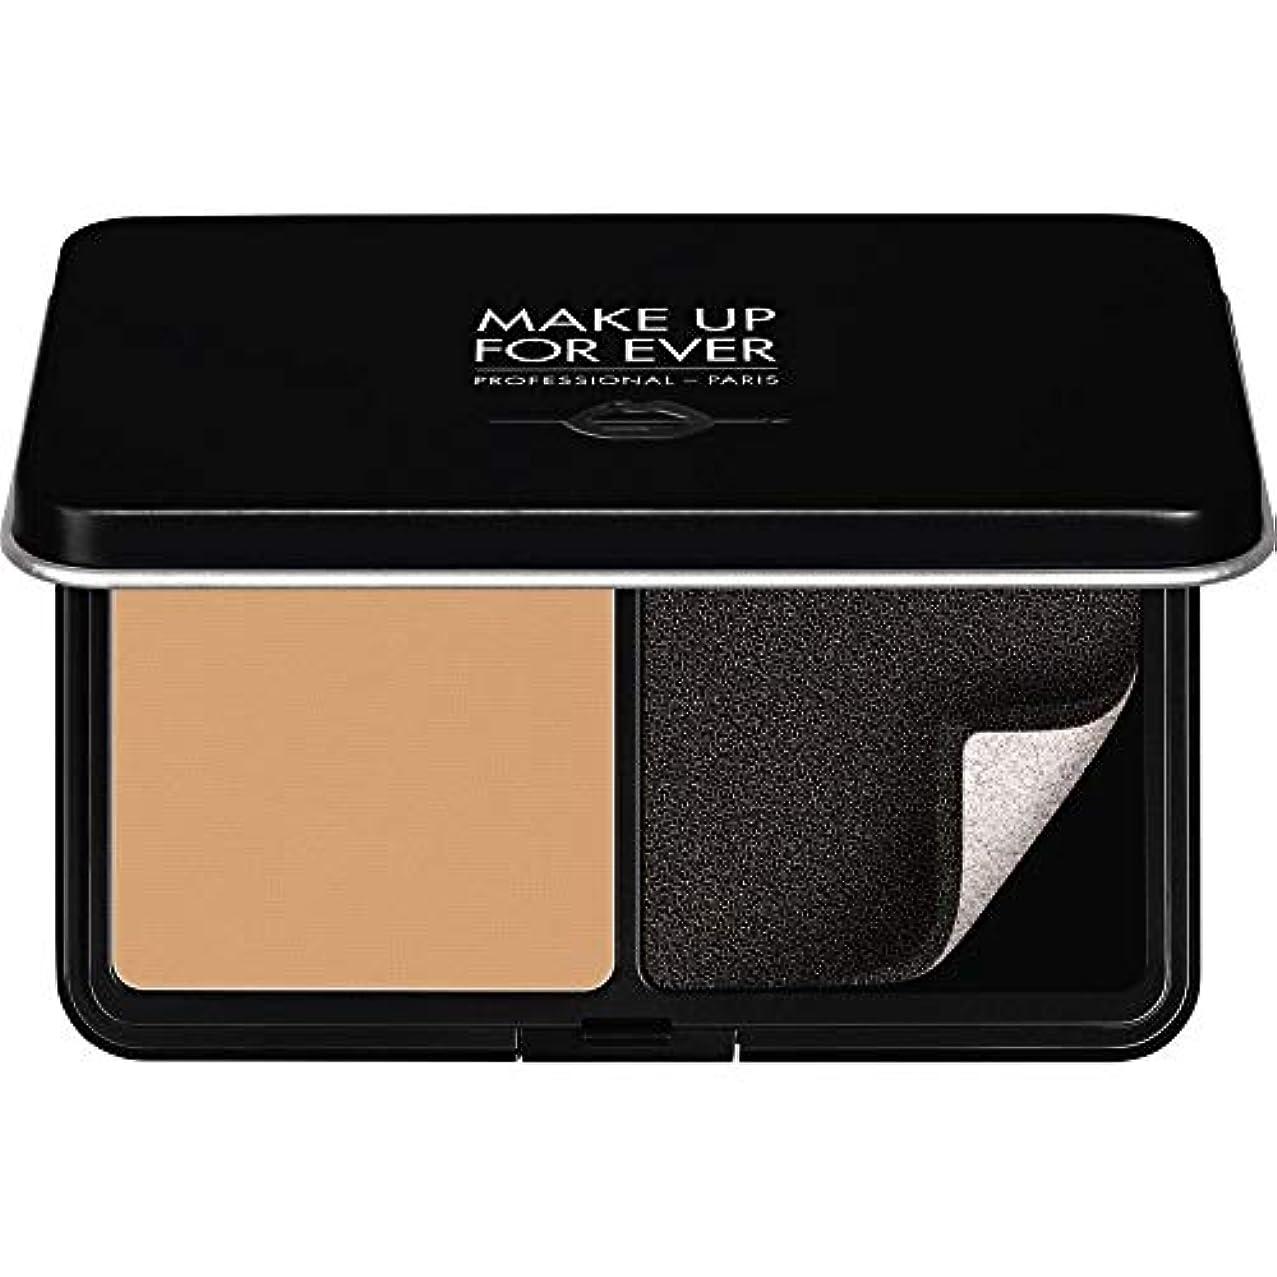 仮称政治的スーツ[MAKE UP FOR EVER ] 暗い砂 - パウダーファンデーション11GののY335をぼかし、これまでマットベルベットの肌を補います - MAKE UP FOR EVER Matte Velvet Skin Blurring...